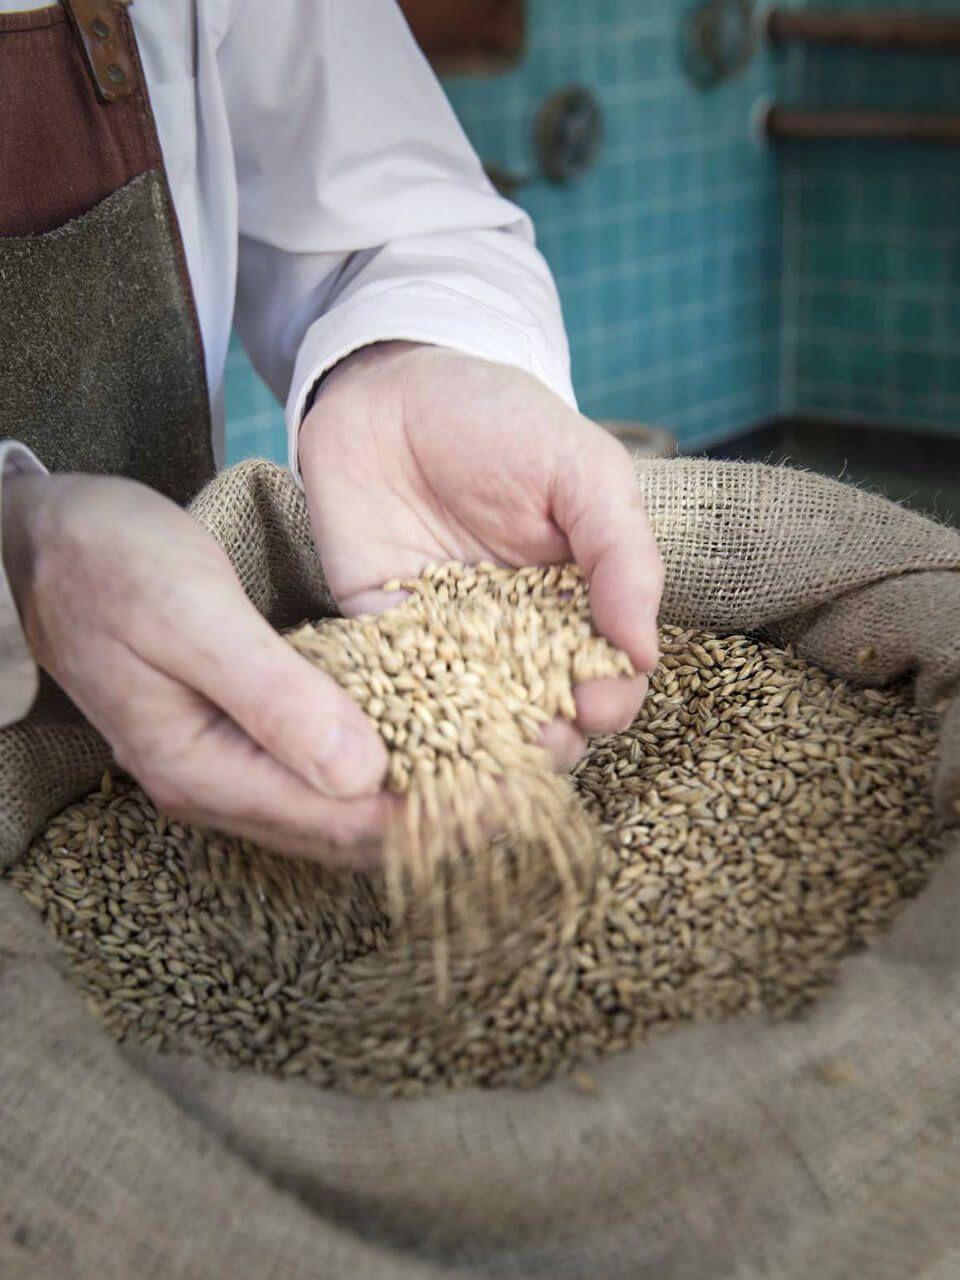 Malz aus Gerste ist ein Hauptbestandteil im Bier. Wir verwenden nur Malze aus der Region Franken.